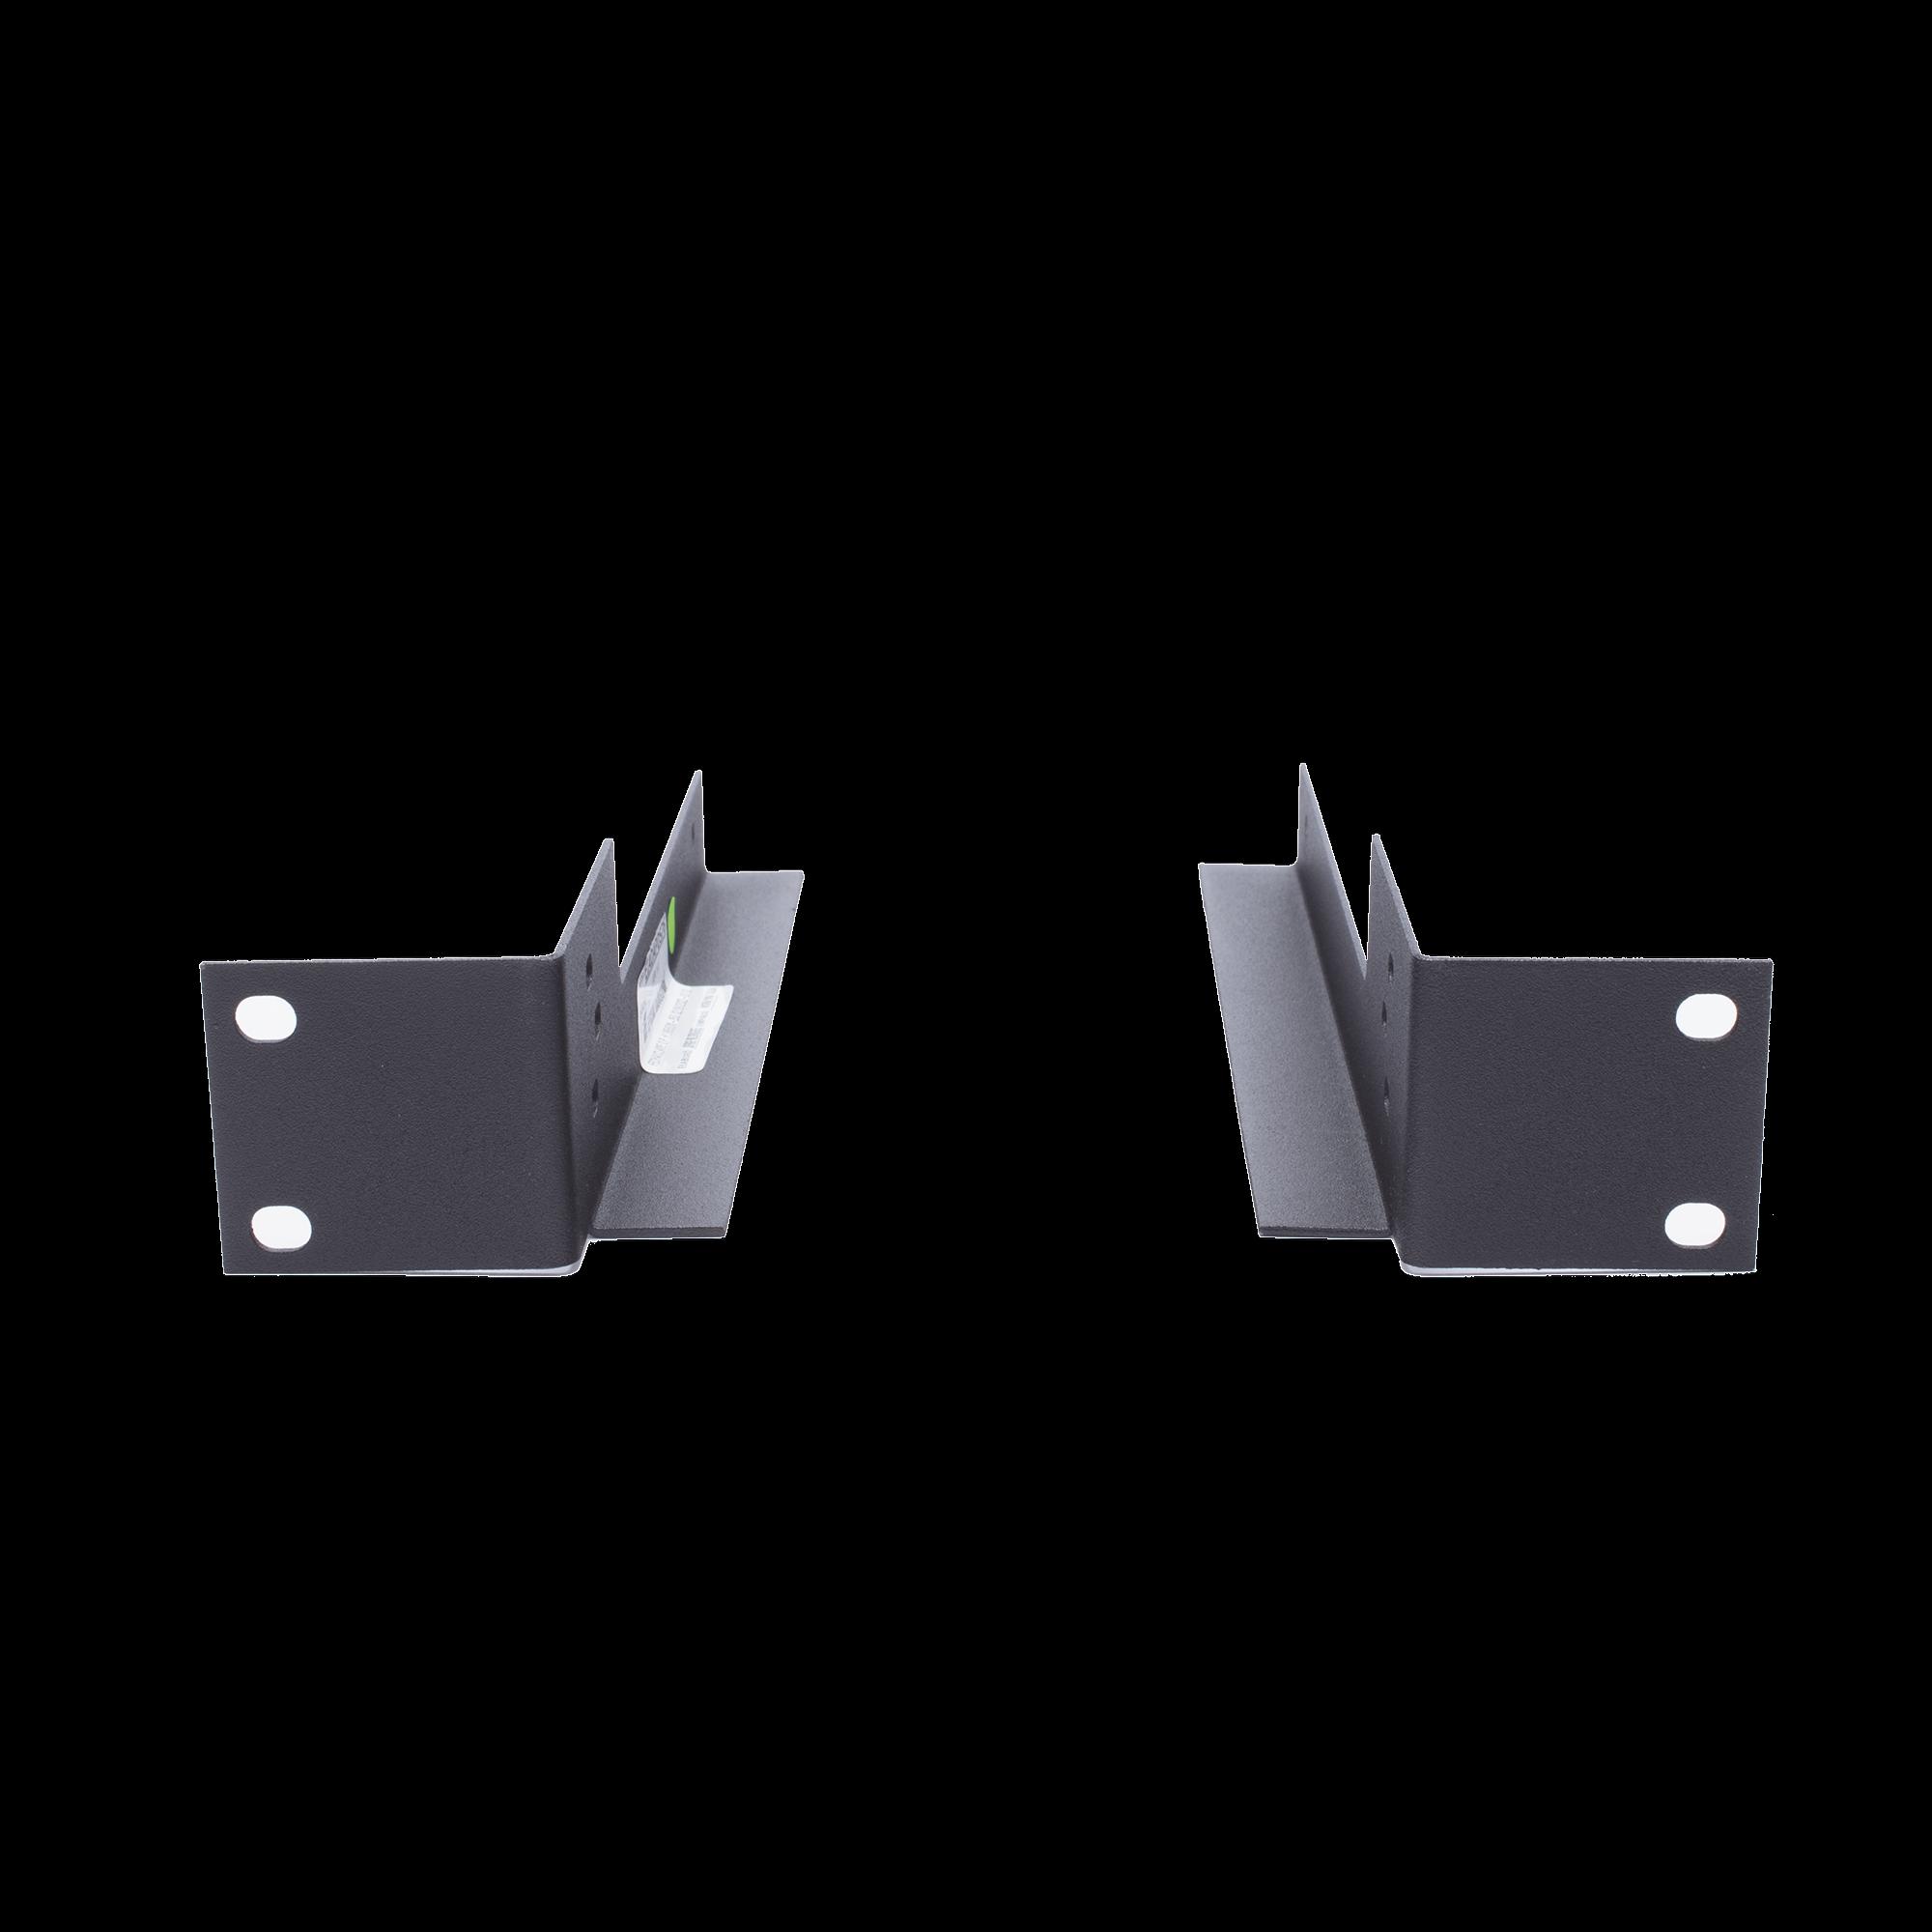 Adaptador para Rack 19 para Videograbadoras epcom y HIKVISION (Revisar compatibilidad)